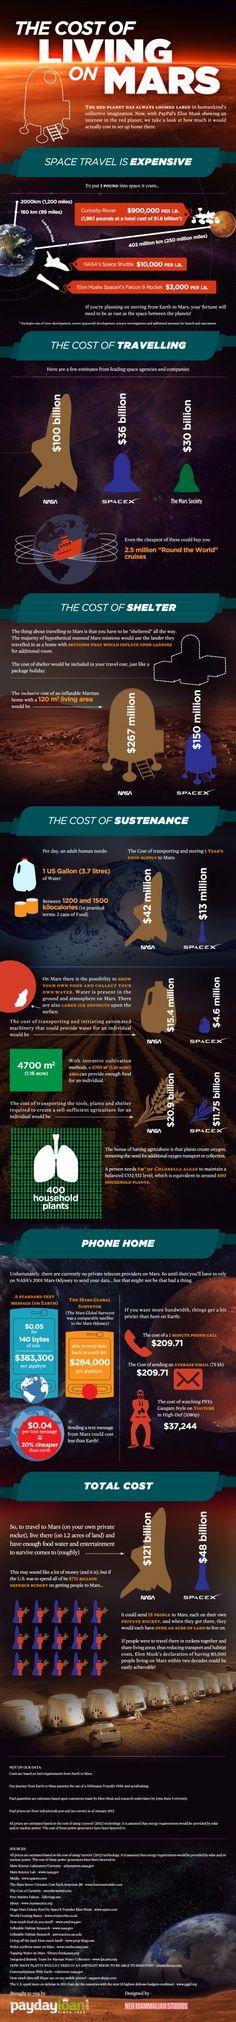 Imagina lo que costaría vivir en Marte..!  #Infografía